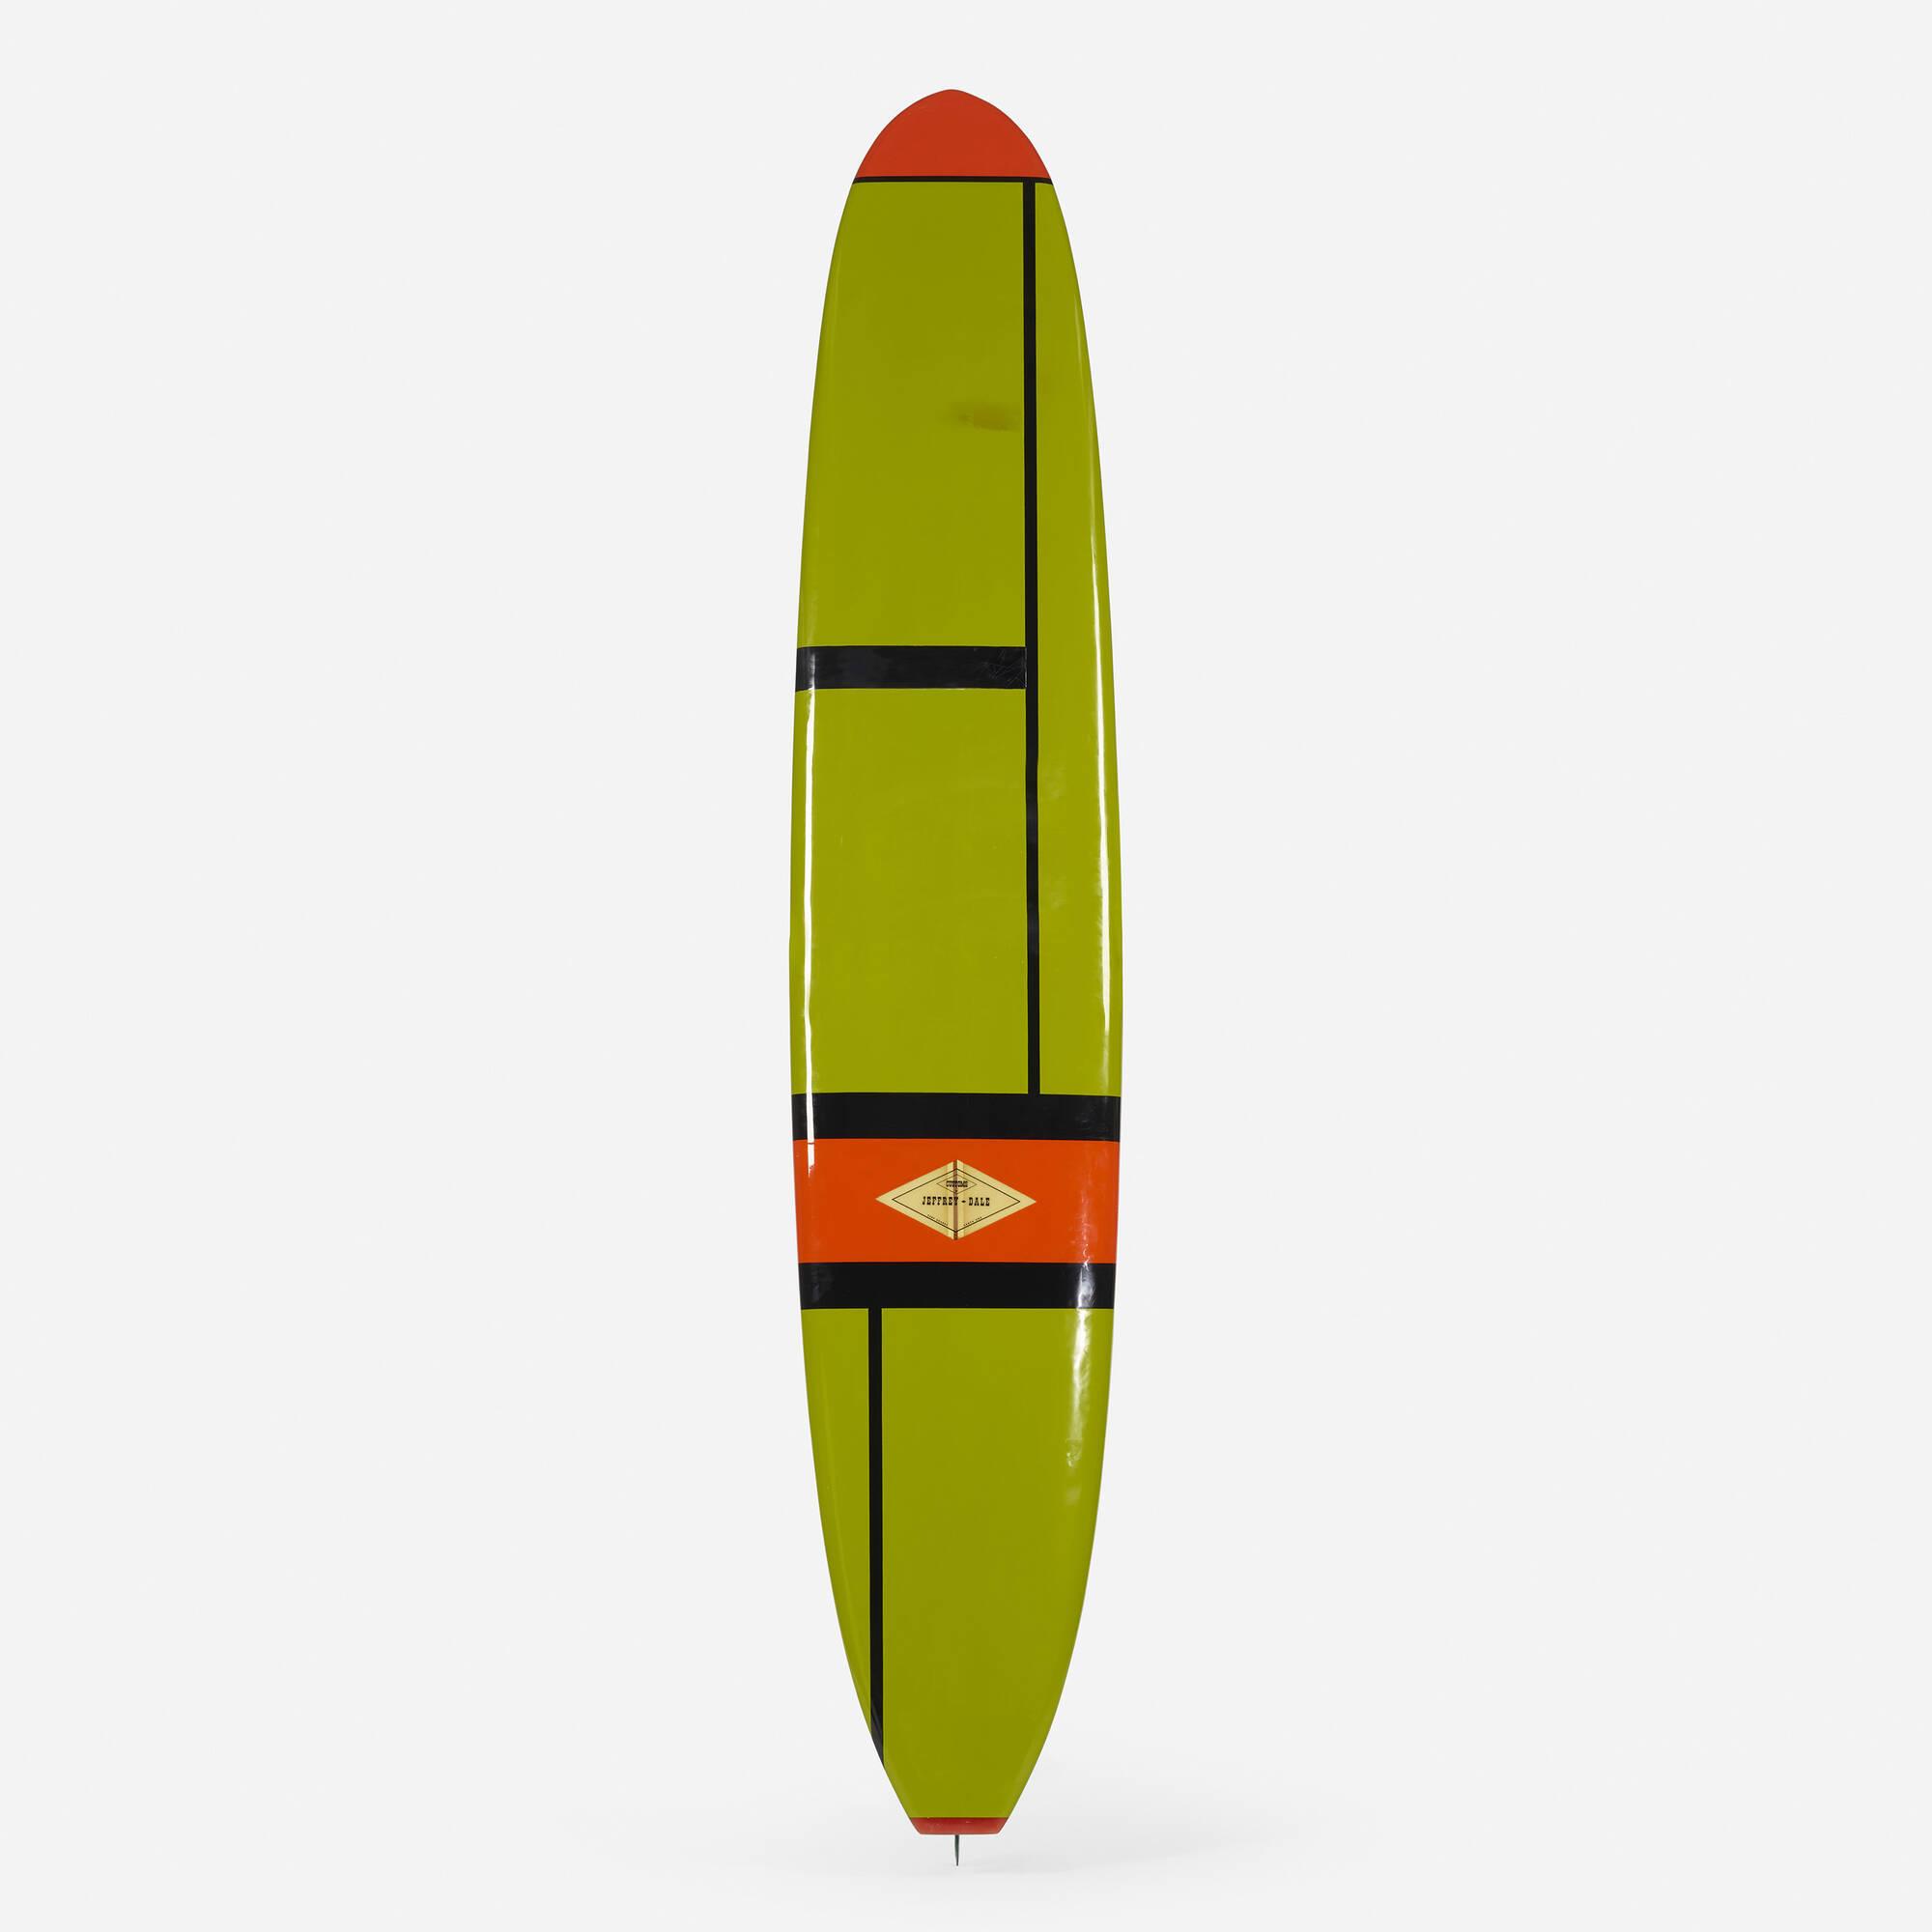 166: JEFFREY-DALE SURFBOARDS, custom surfboard < Art +